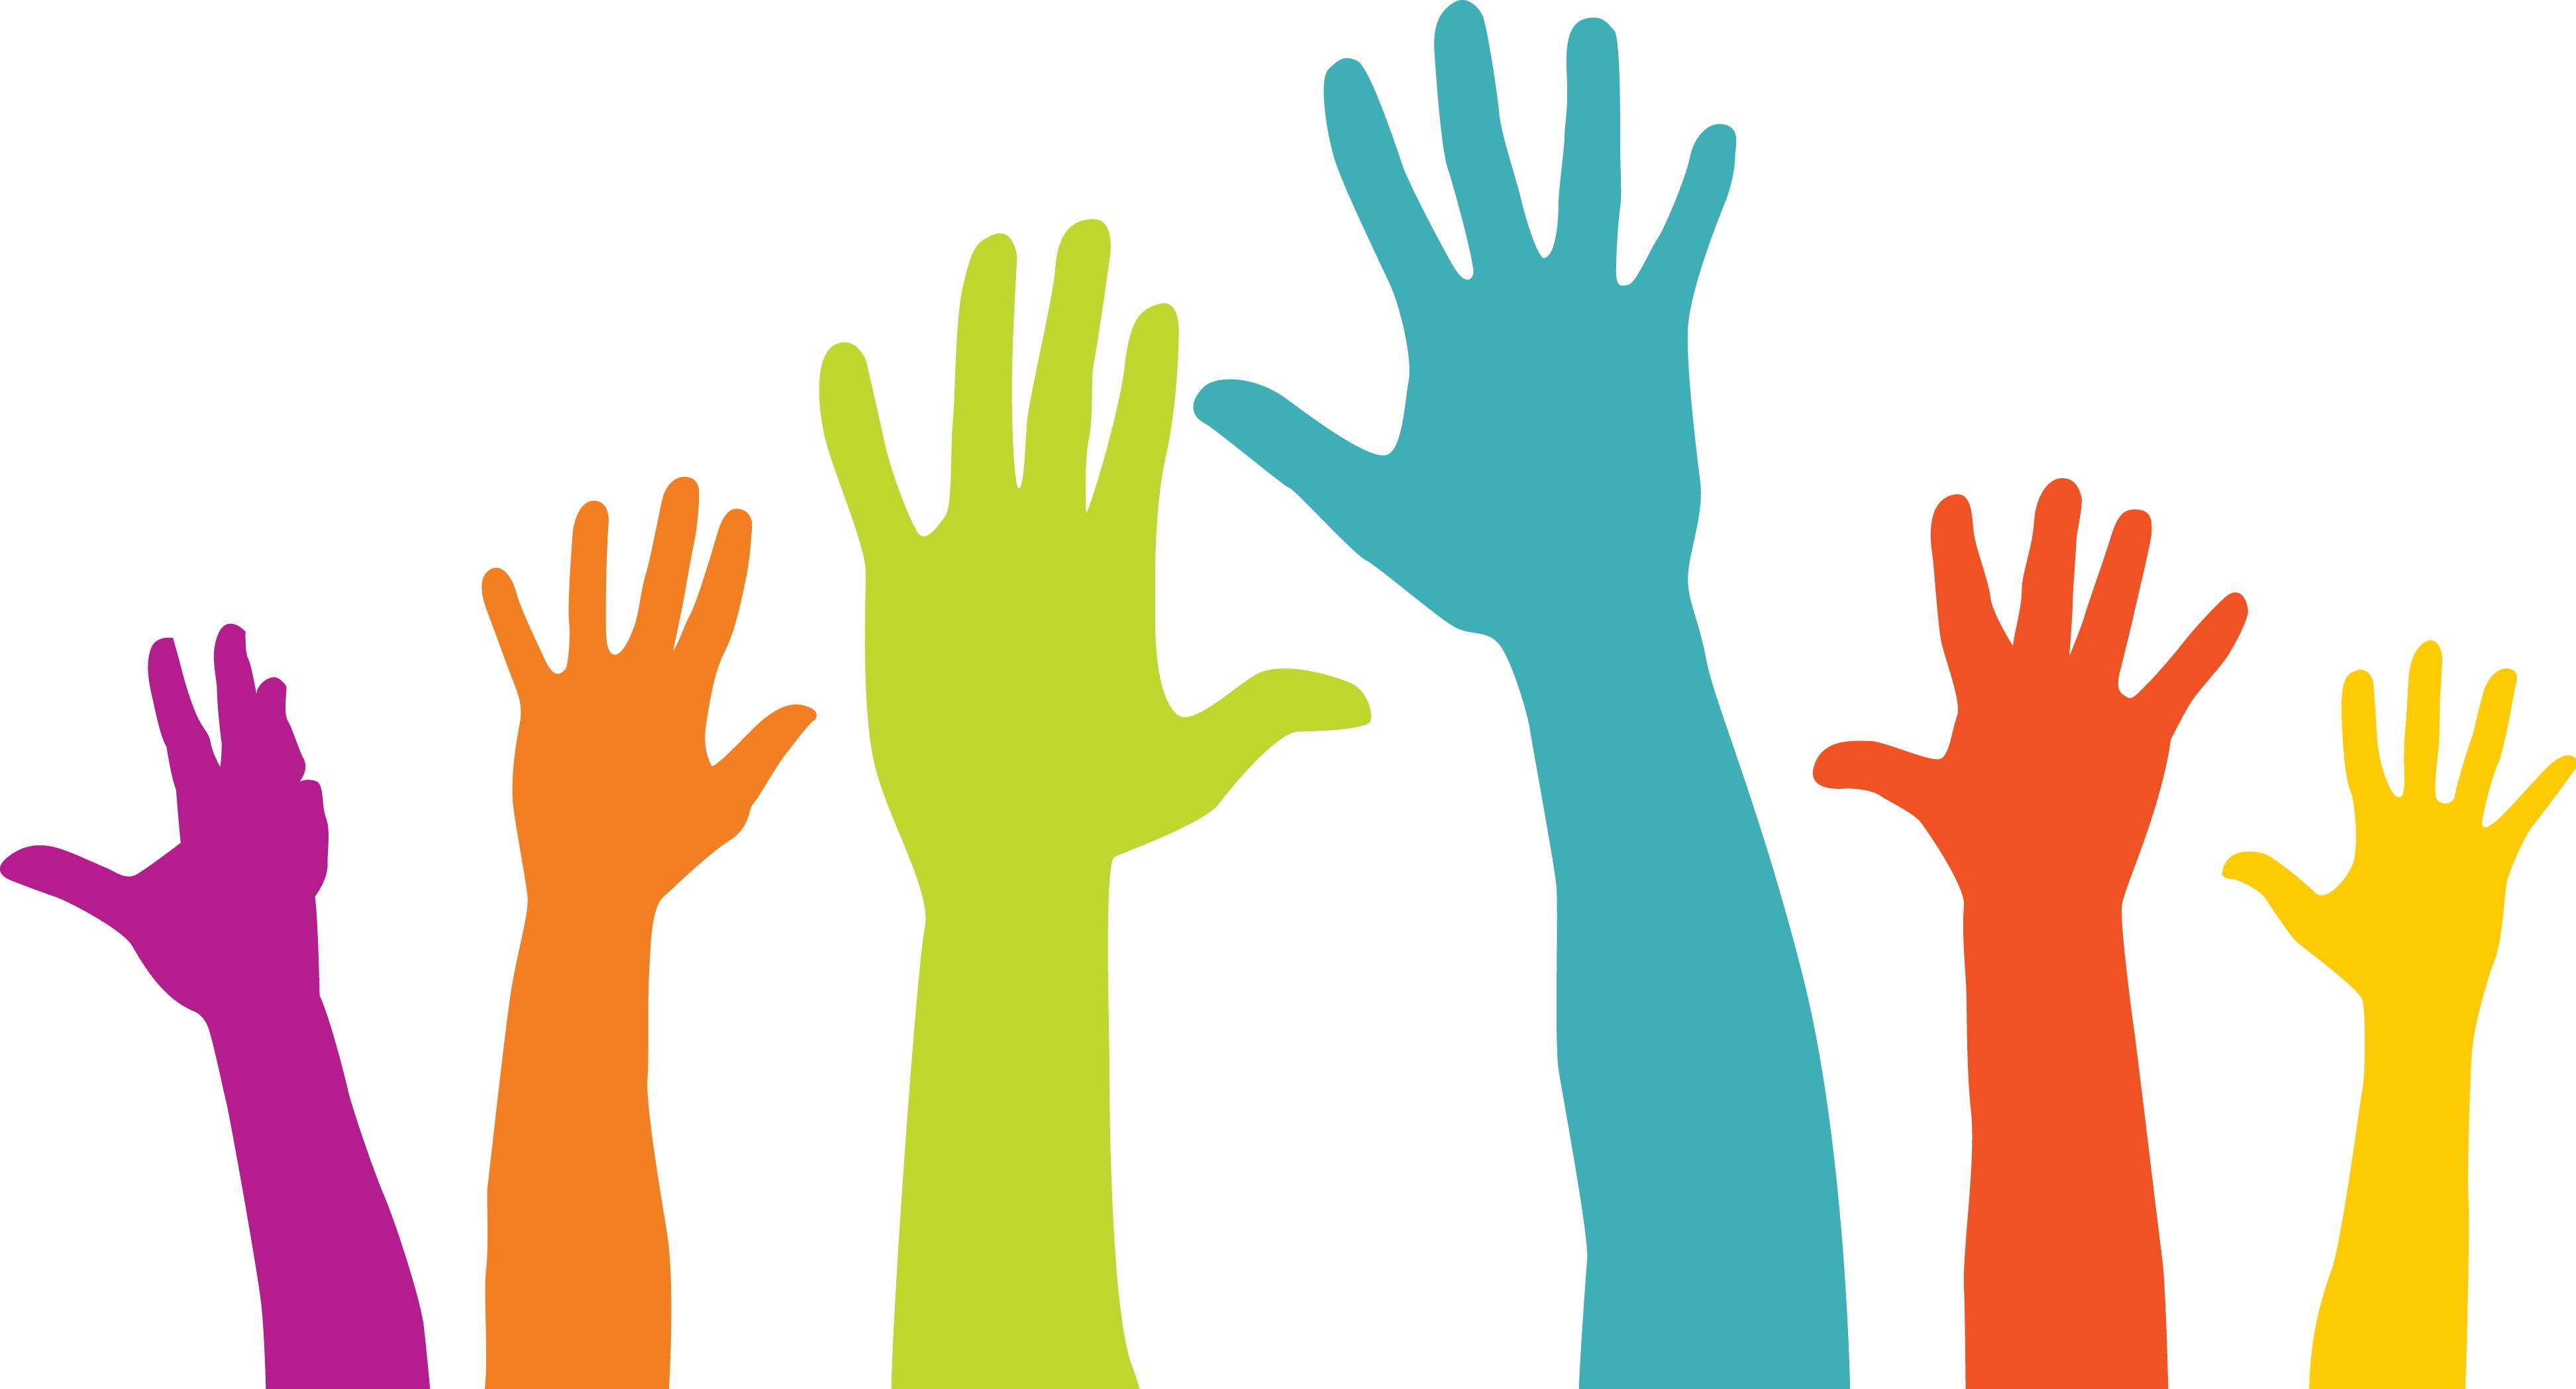 Volunteers images free download. Volunteering clipart volunteer hand